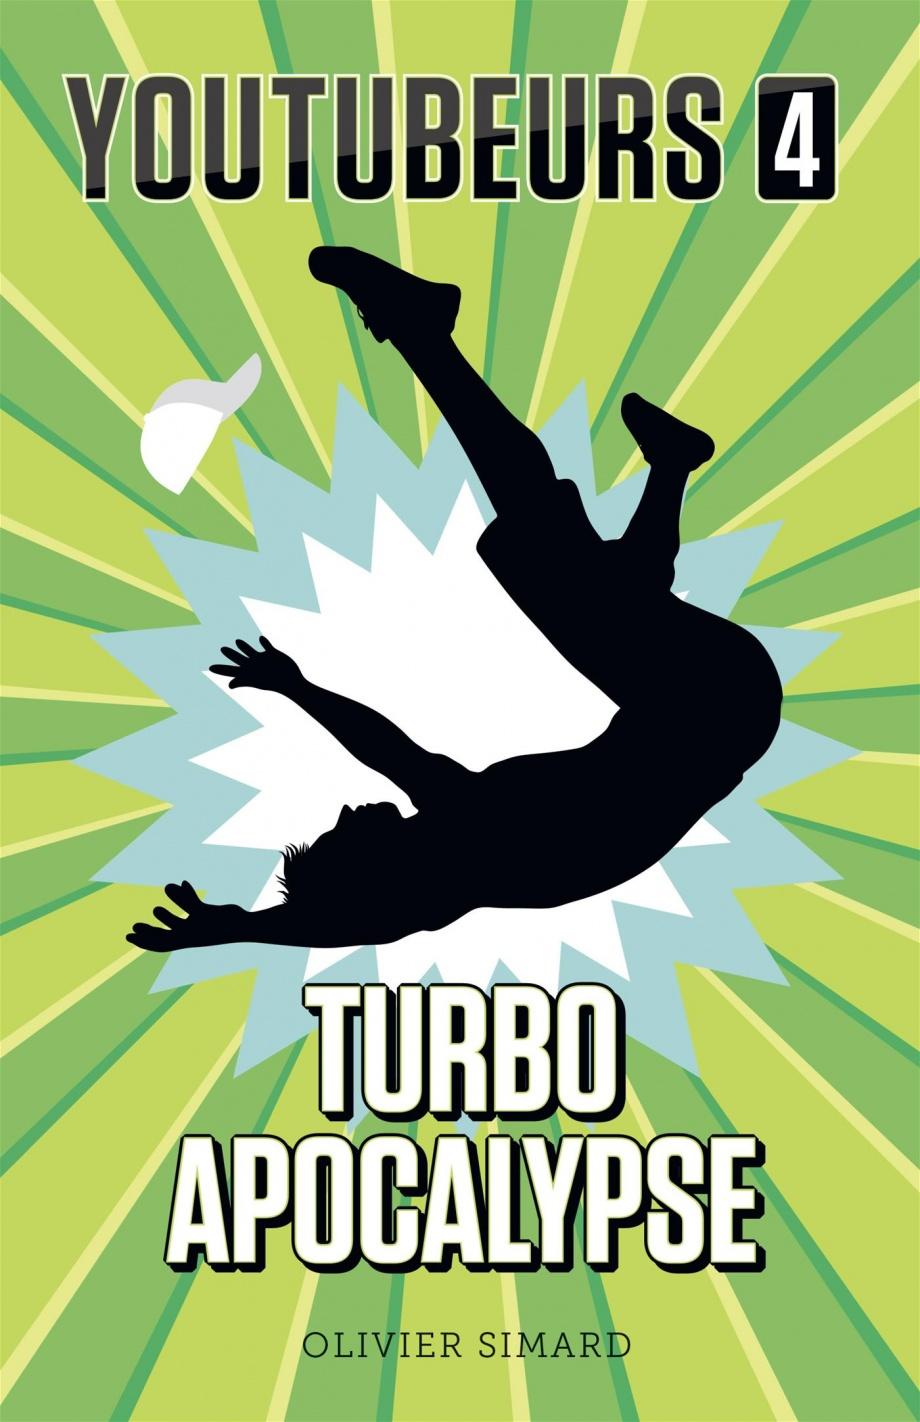 Turbo apocalypse